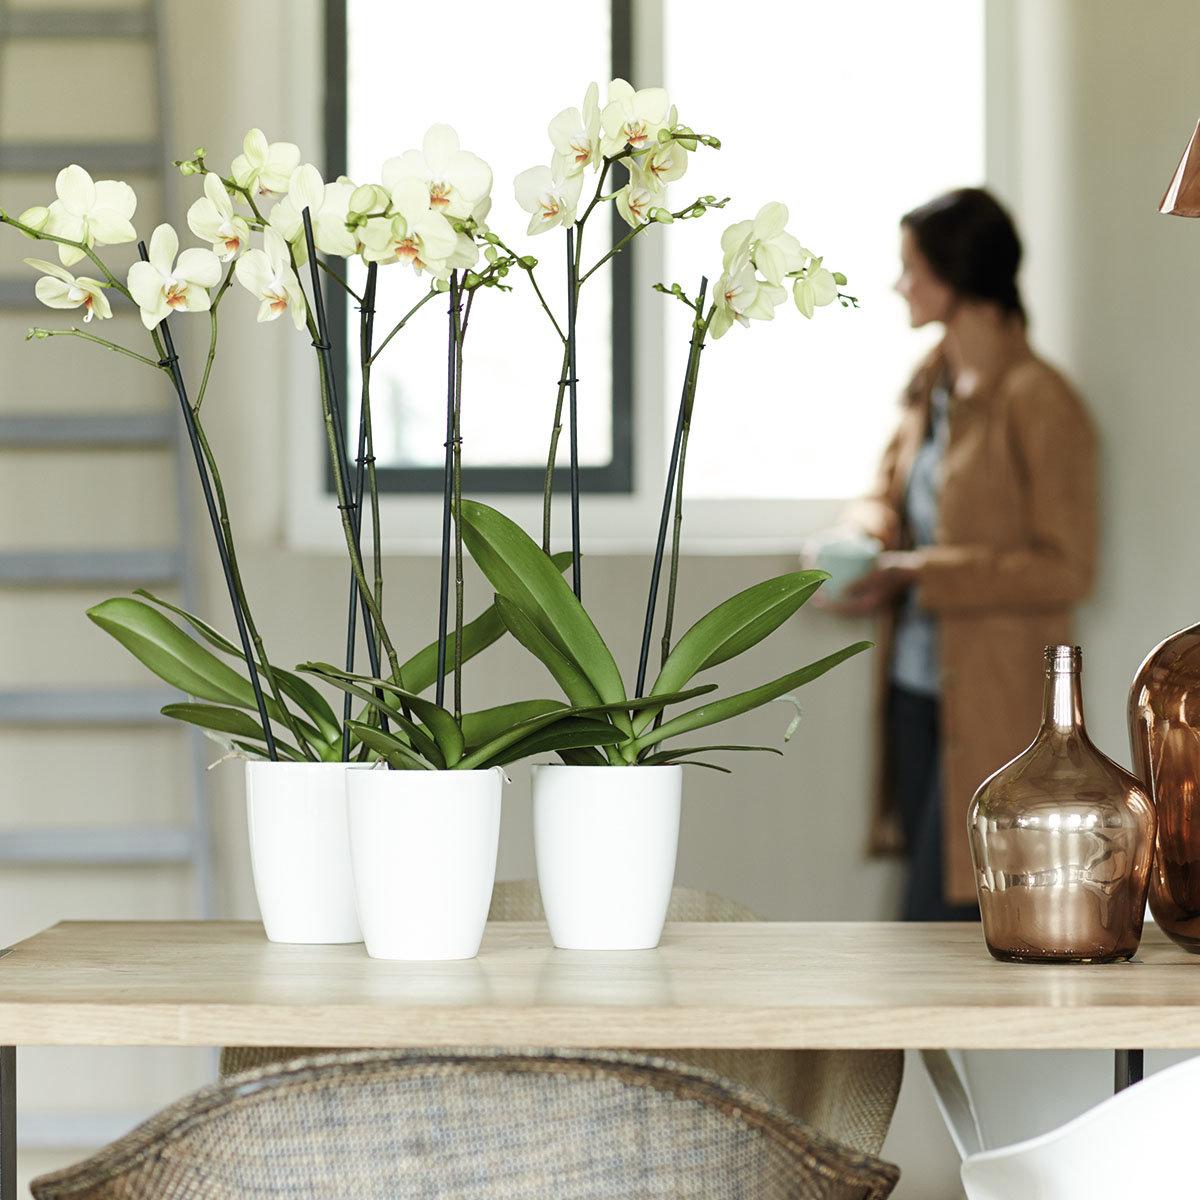 Orchideengefäß Brüssel, rund, 15,2x12,7x12,7 cm, weiß | #2